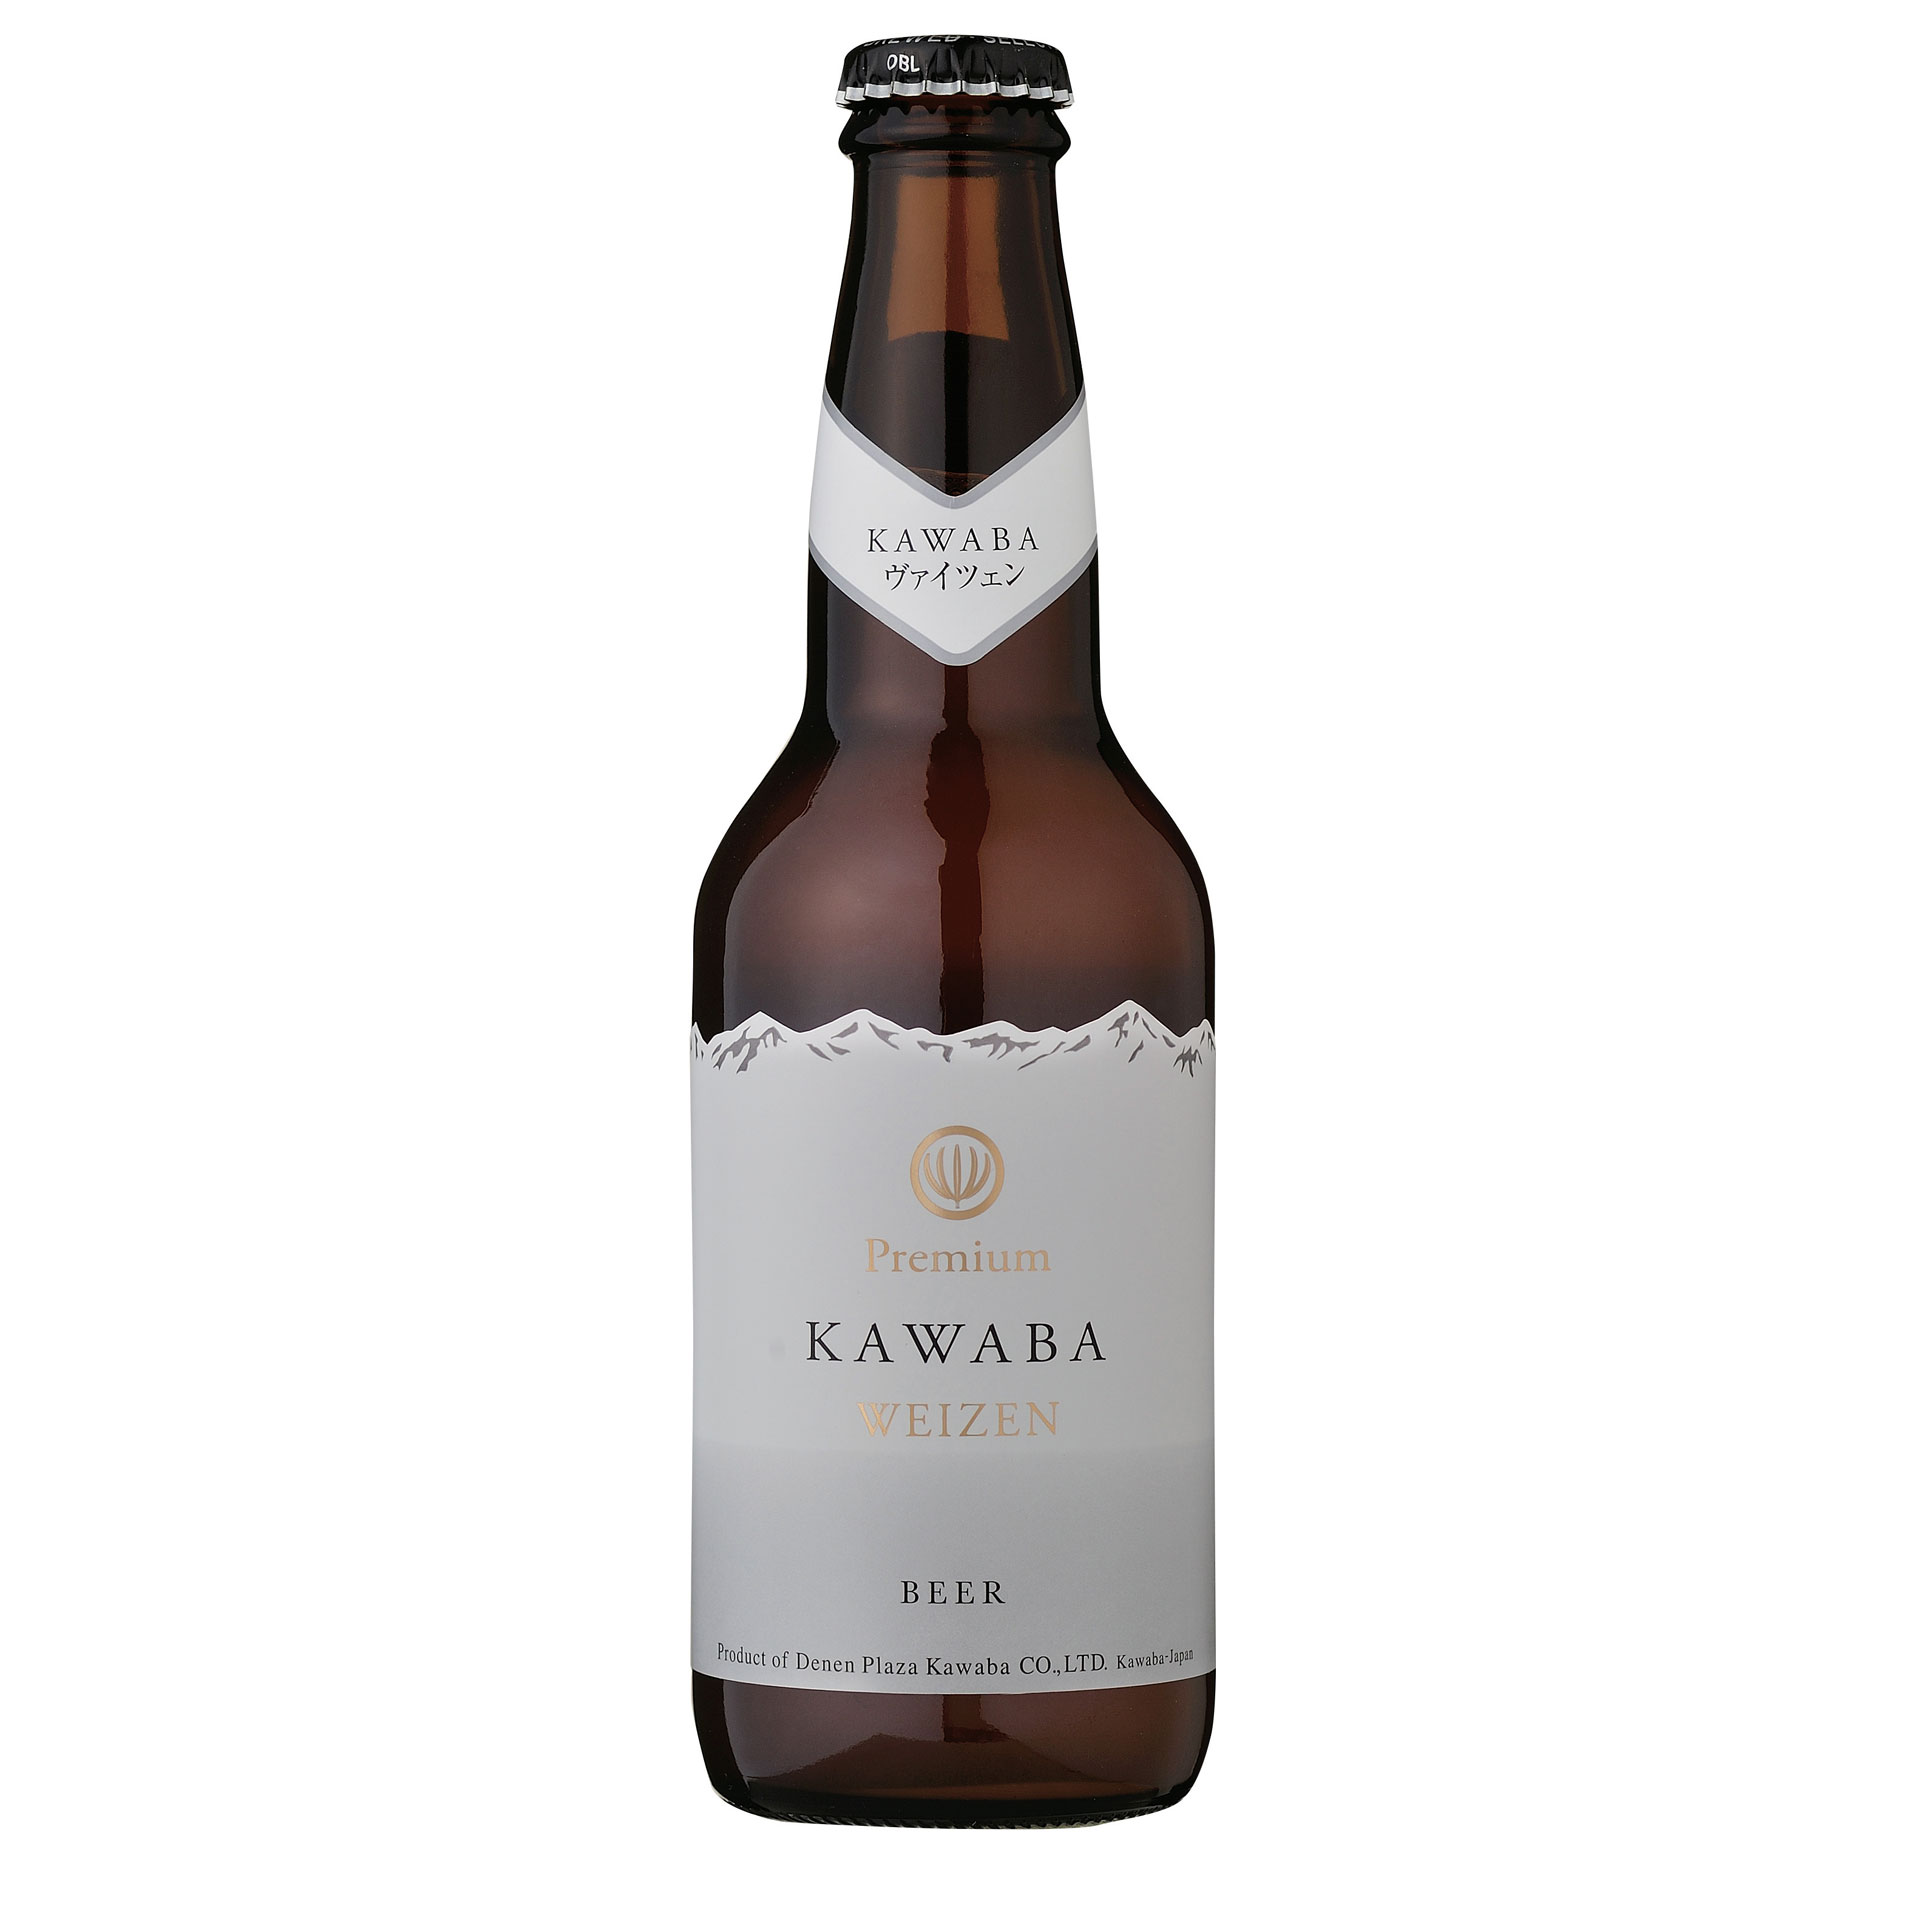 川場ビール(ヴァイツェン)24本セットの商品詳細イメージ-678